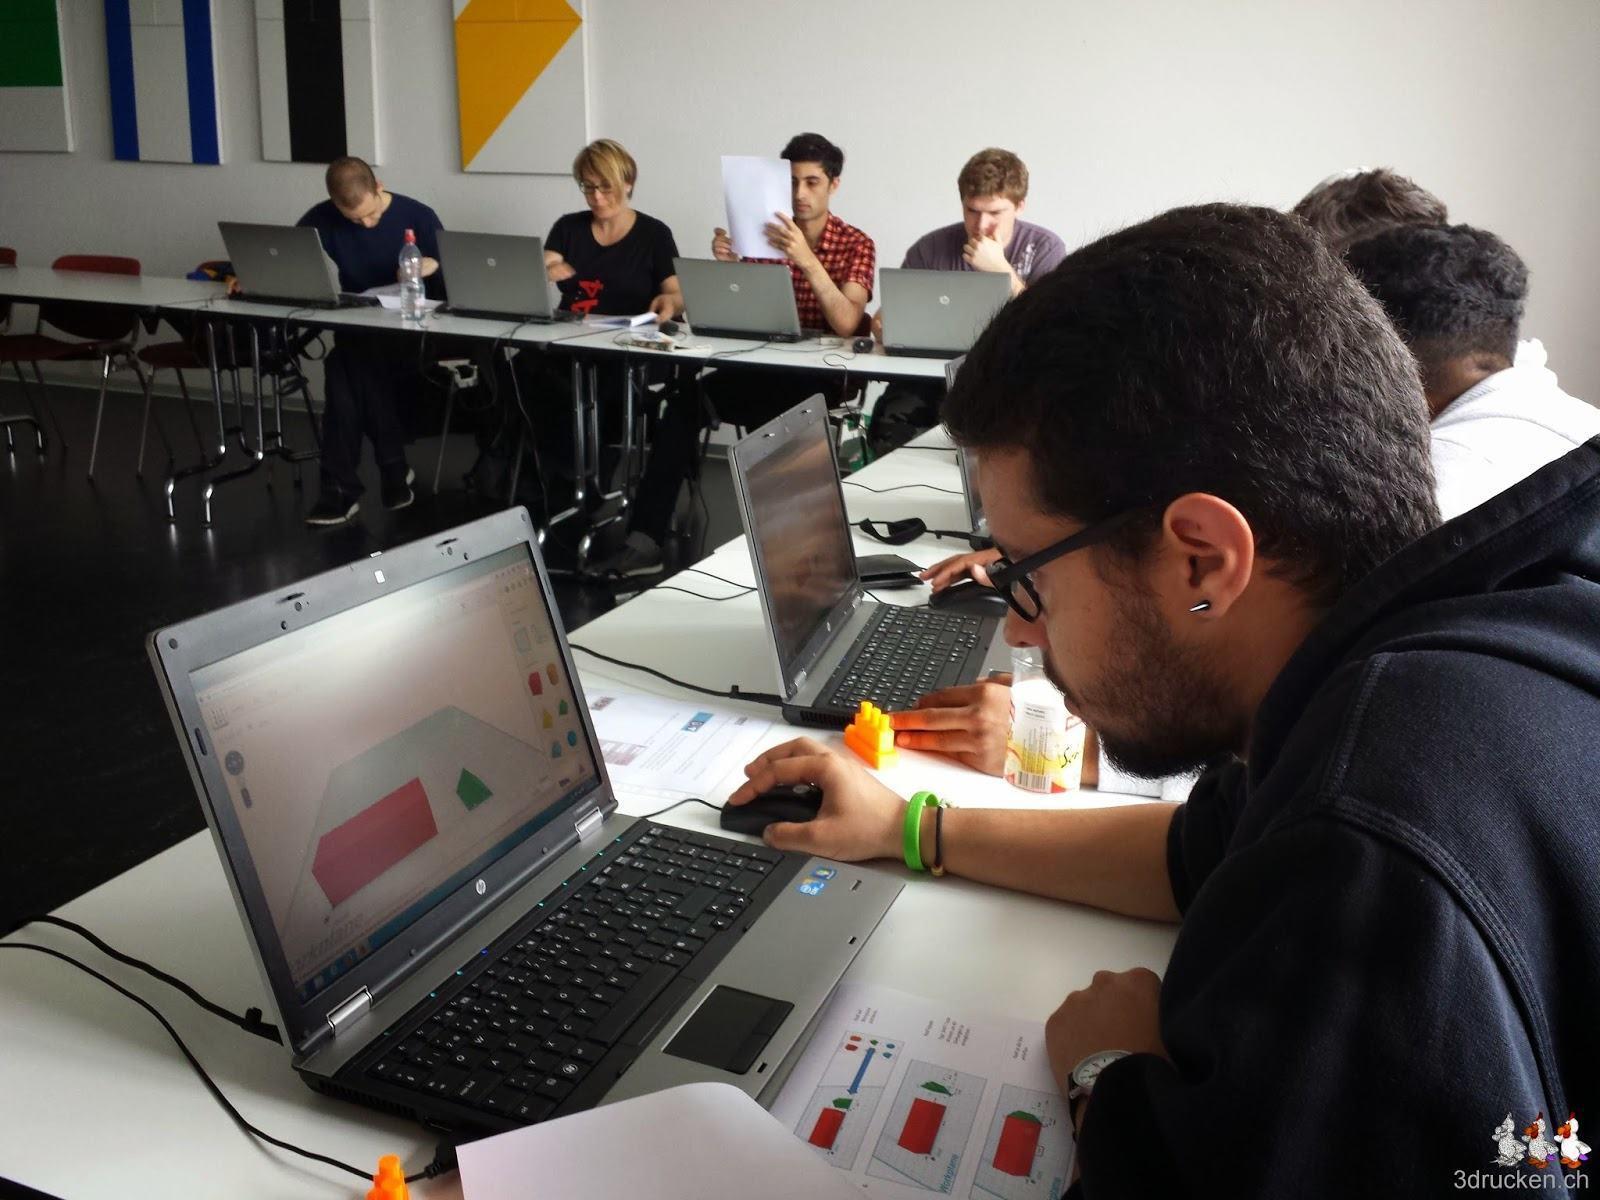 Foto einer Gruppe Lernender im Kursraum am Konstruieren des berühmten Schiffes in Tinkercad nach Anleitung